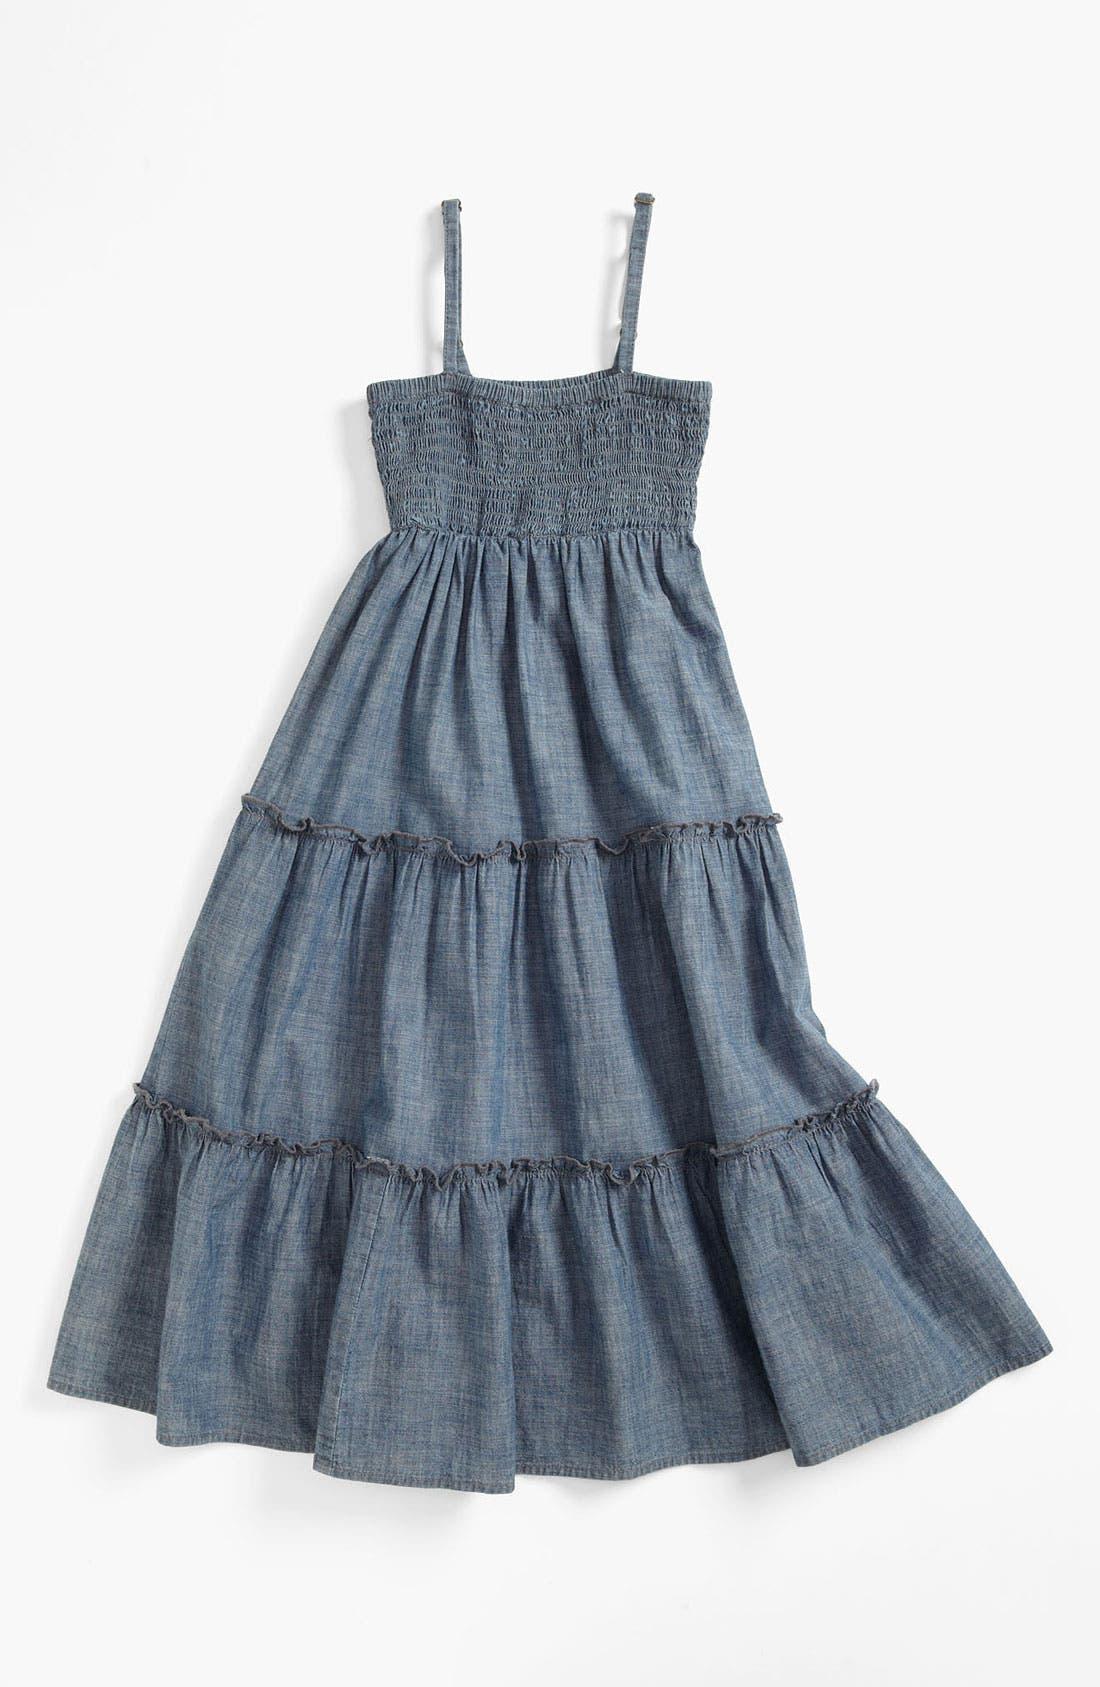 Main Image - Peek 'Emilia' Dress (Toddler, Little Girls & Big Girls)